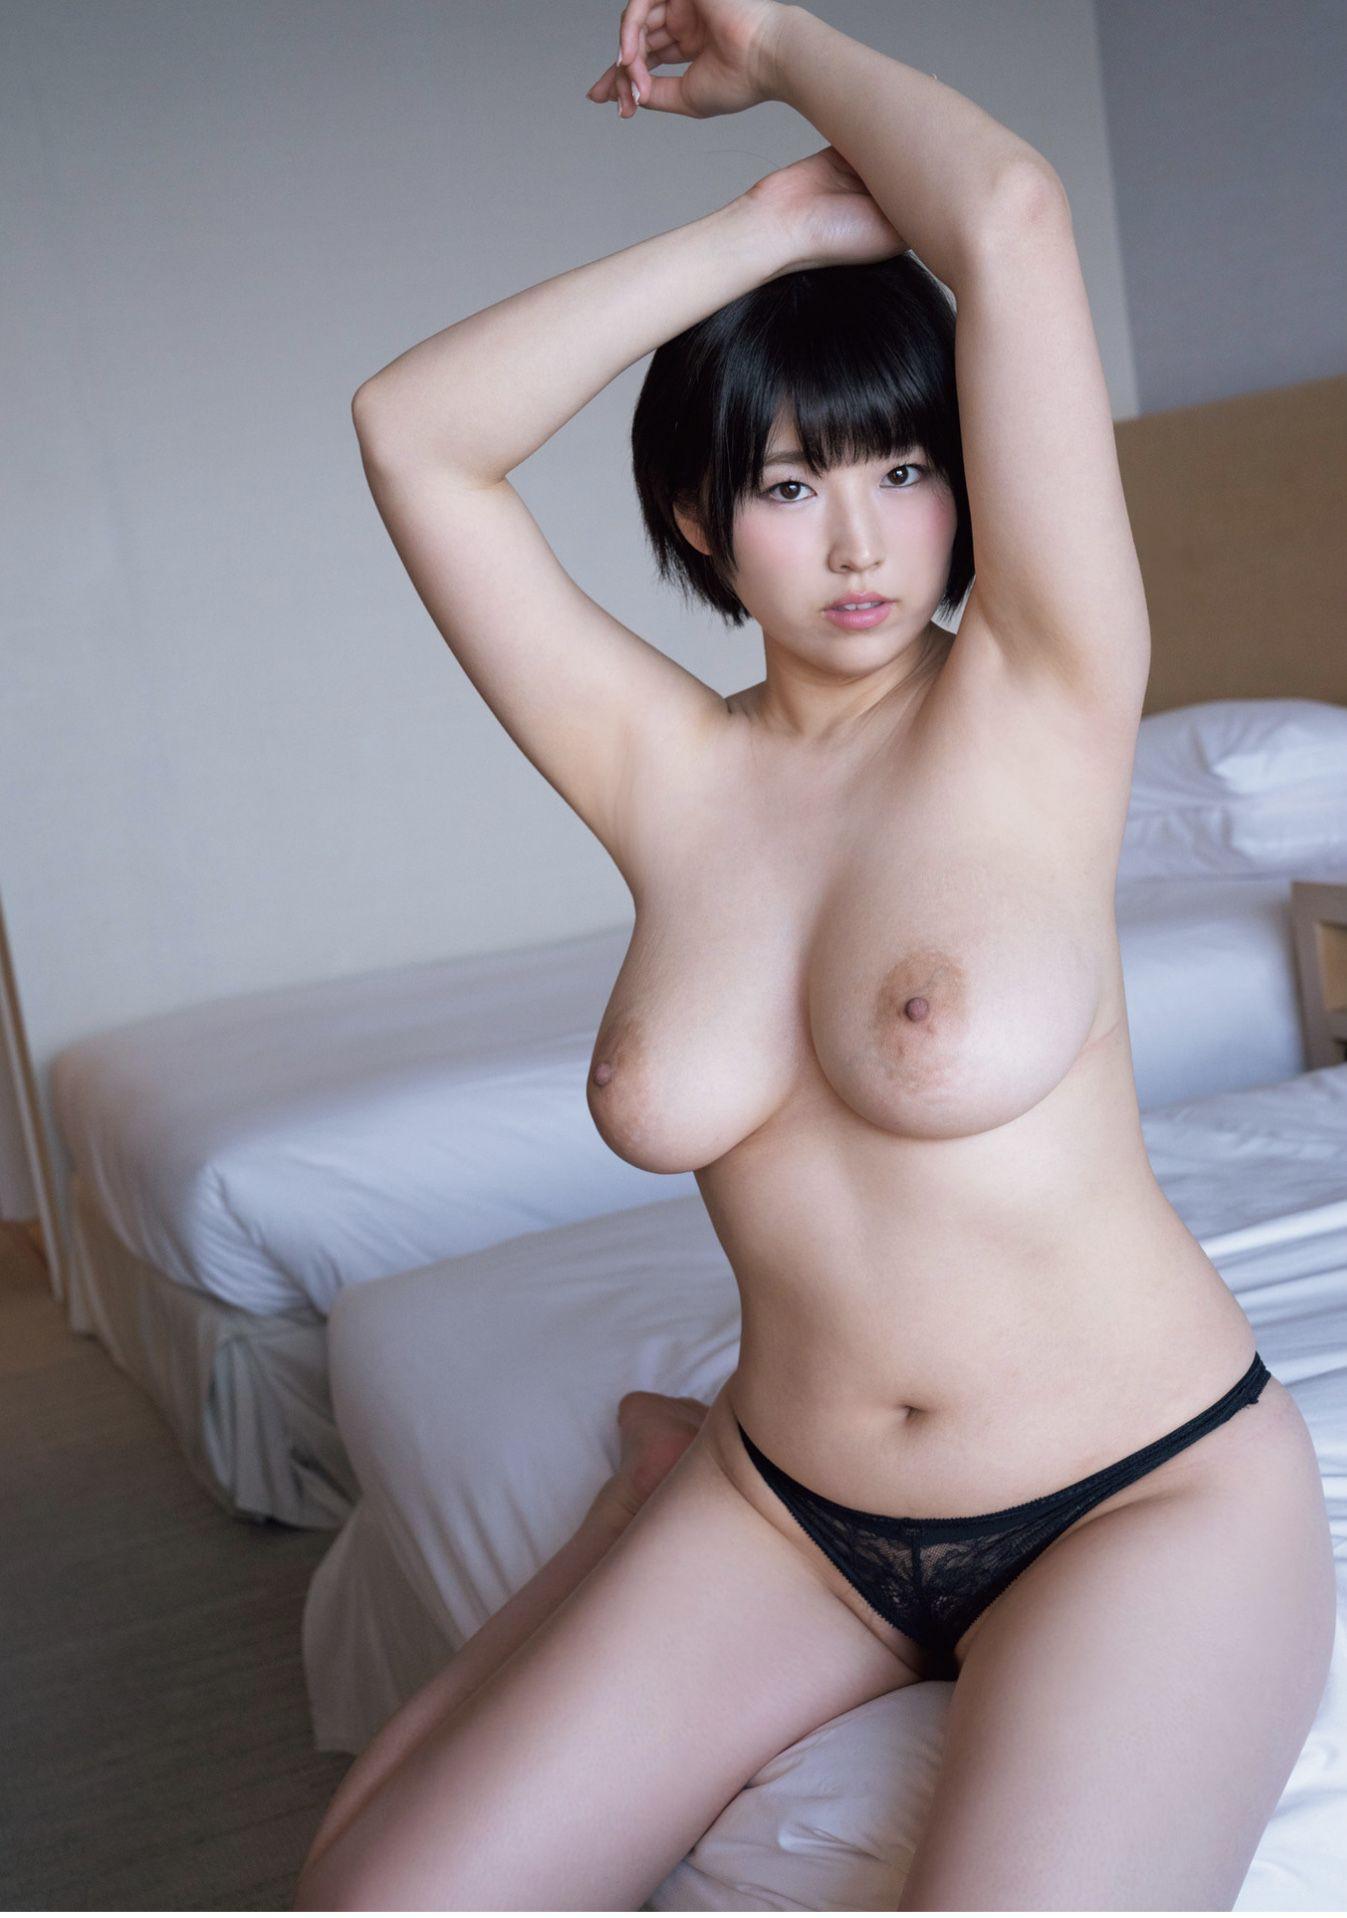 松本菜奈実 写真集「零れる」photo 064